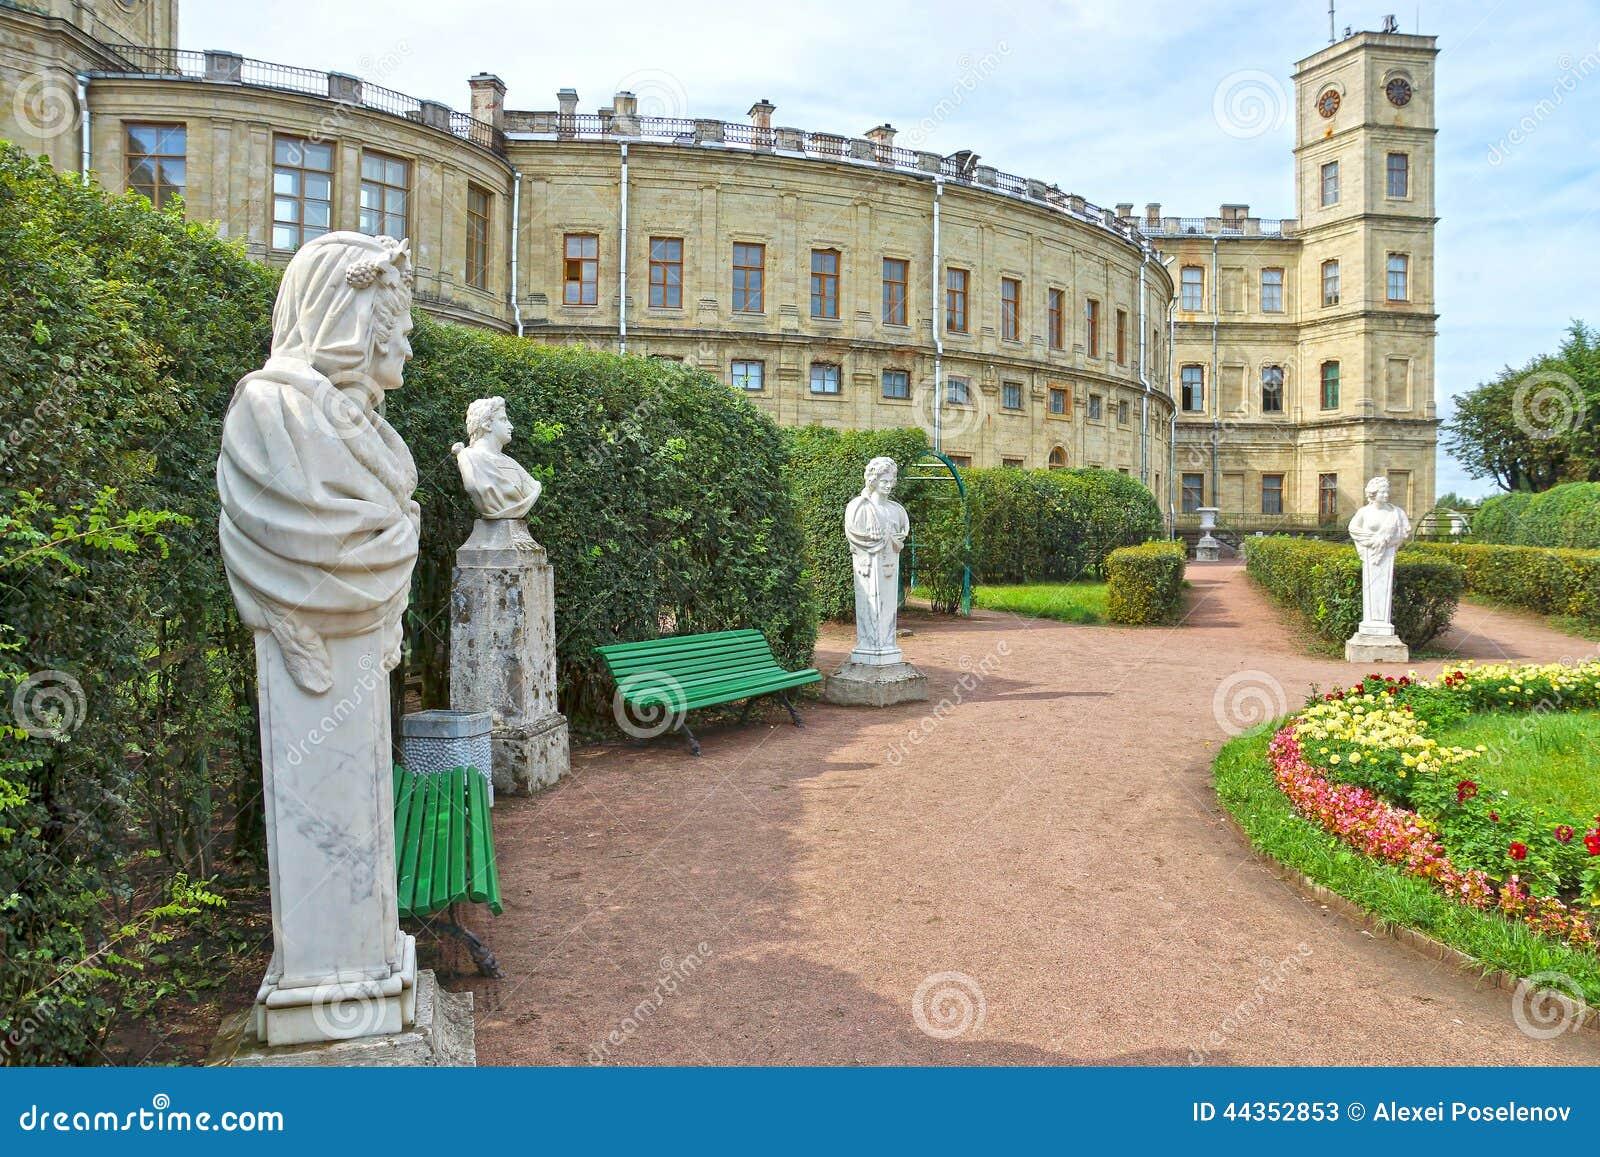 Αρχαία αγάλματα στον κήπο δίπλα στο παλάτι